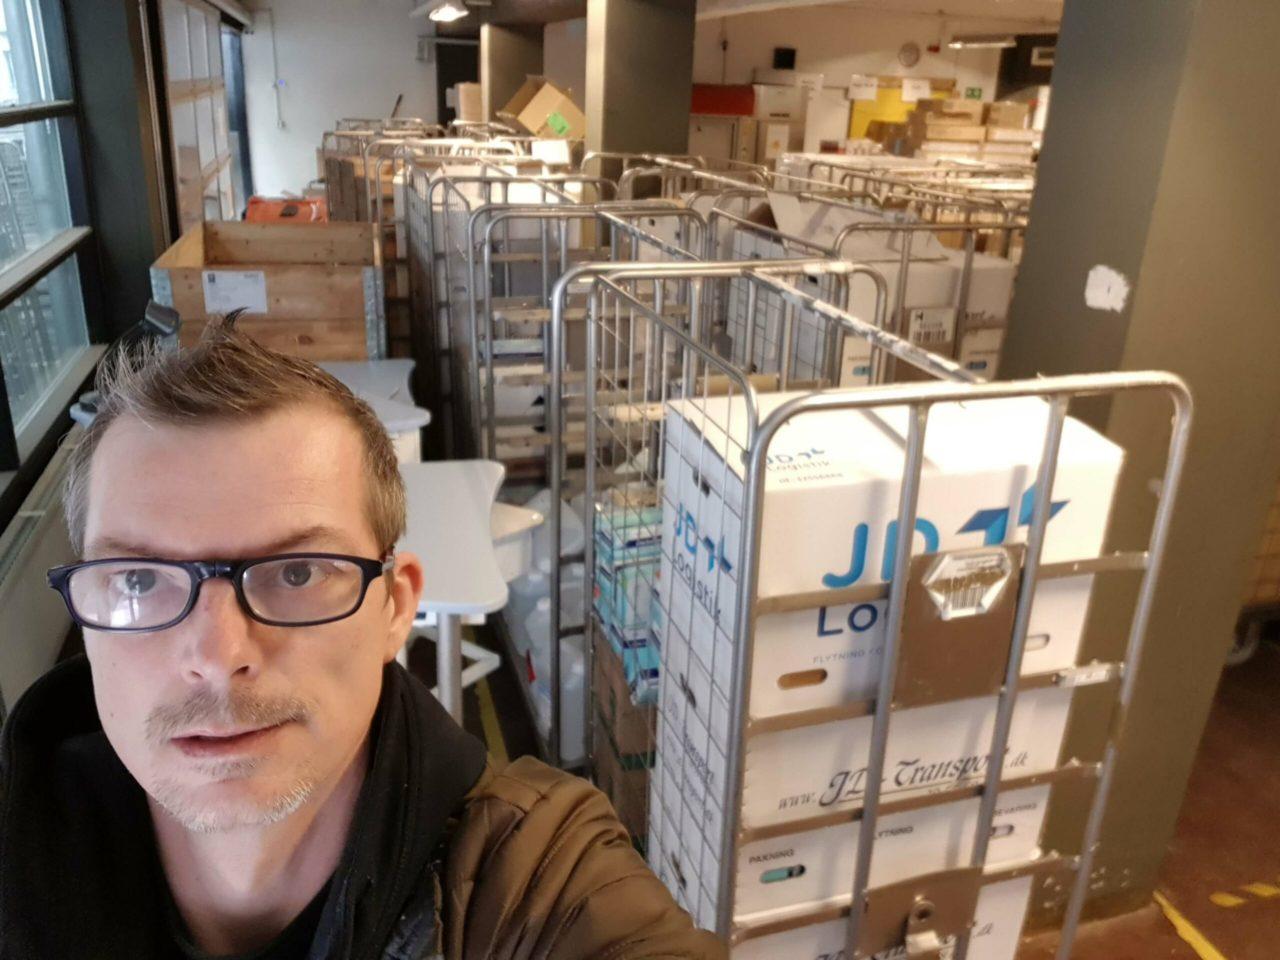 Driftsmedarbejder Emil Weye Hansen fra Københavns Professionshøjskole ankommer til Nordsjællands Hospital med to vognfulde værnemidler til kampen mod coronavirussen